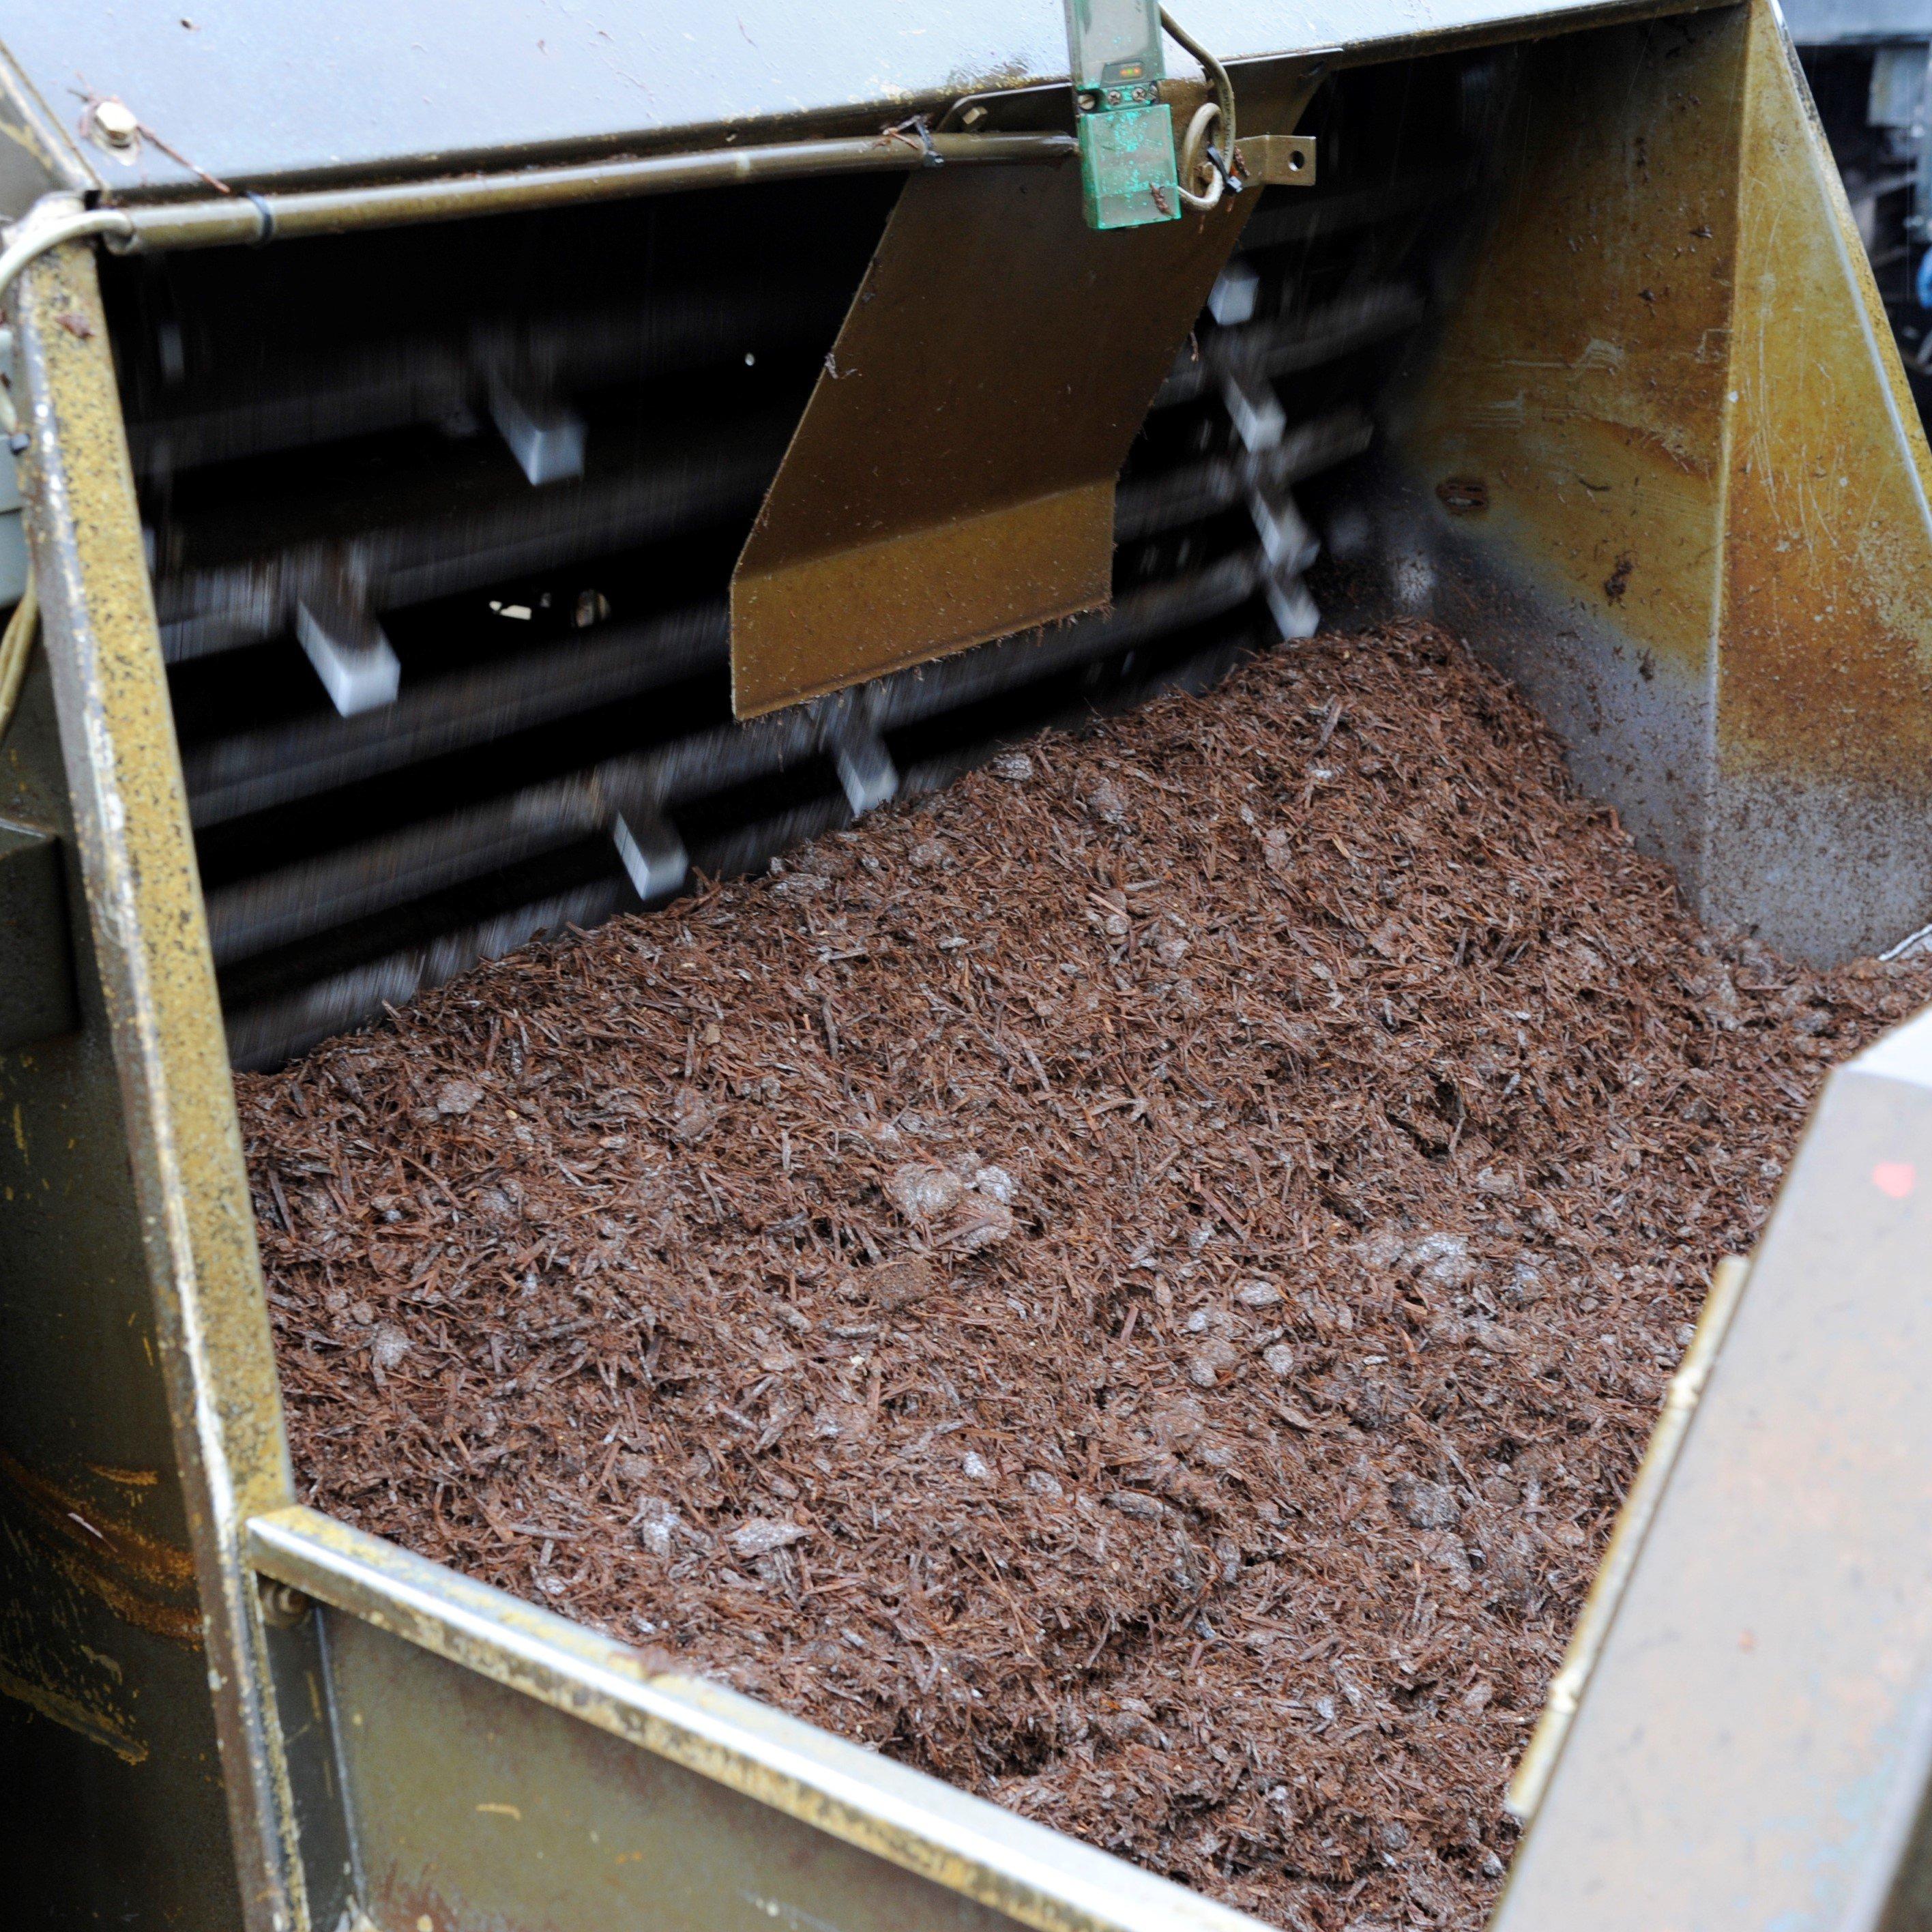 Mushroom compost phase III